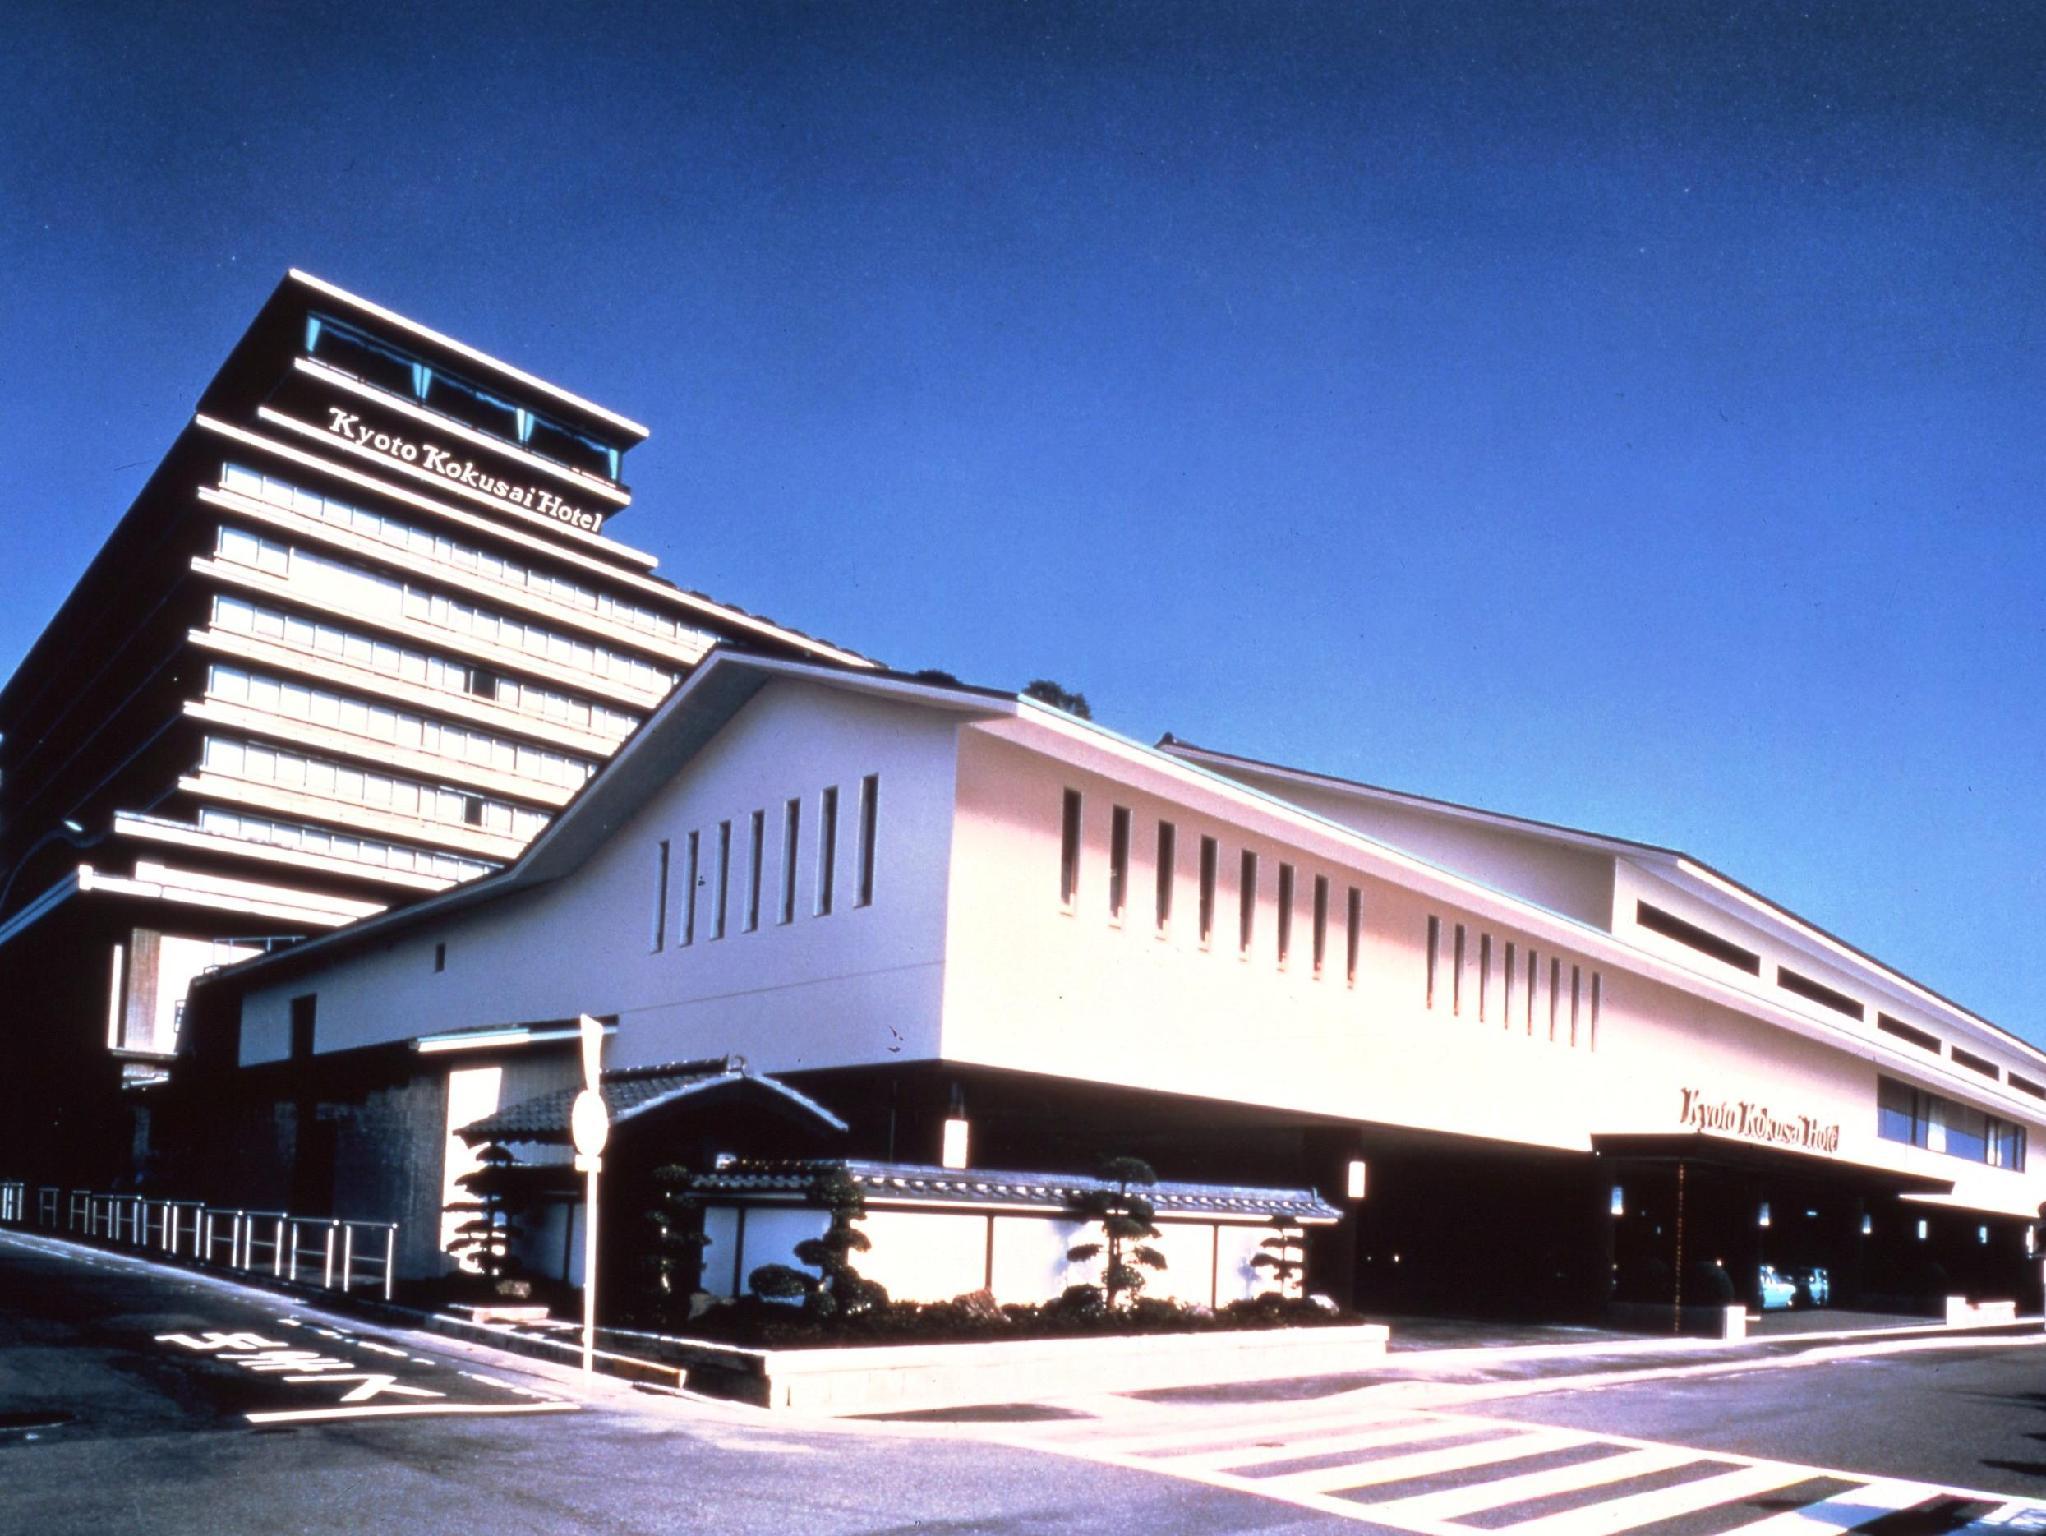 Kyoto Kokusai Hotel